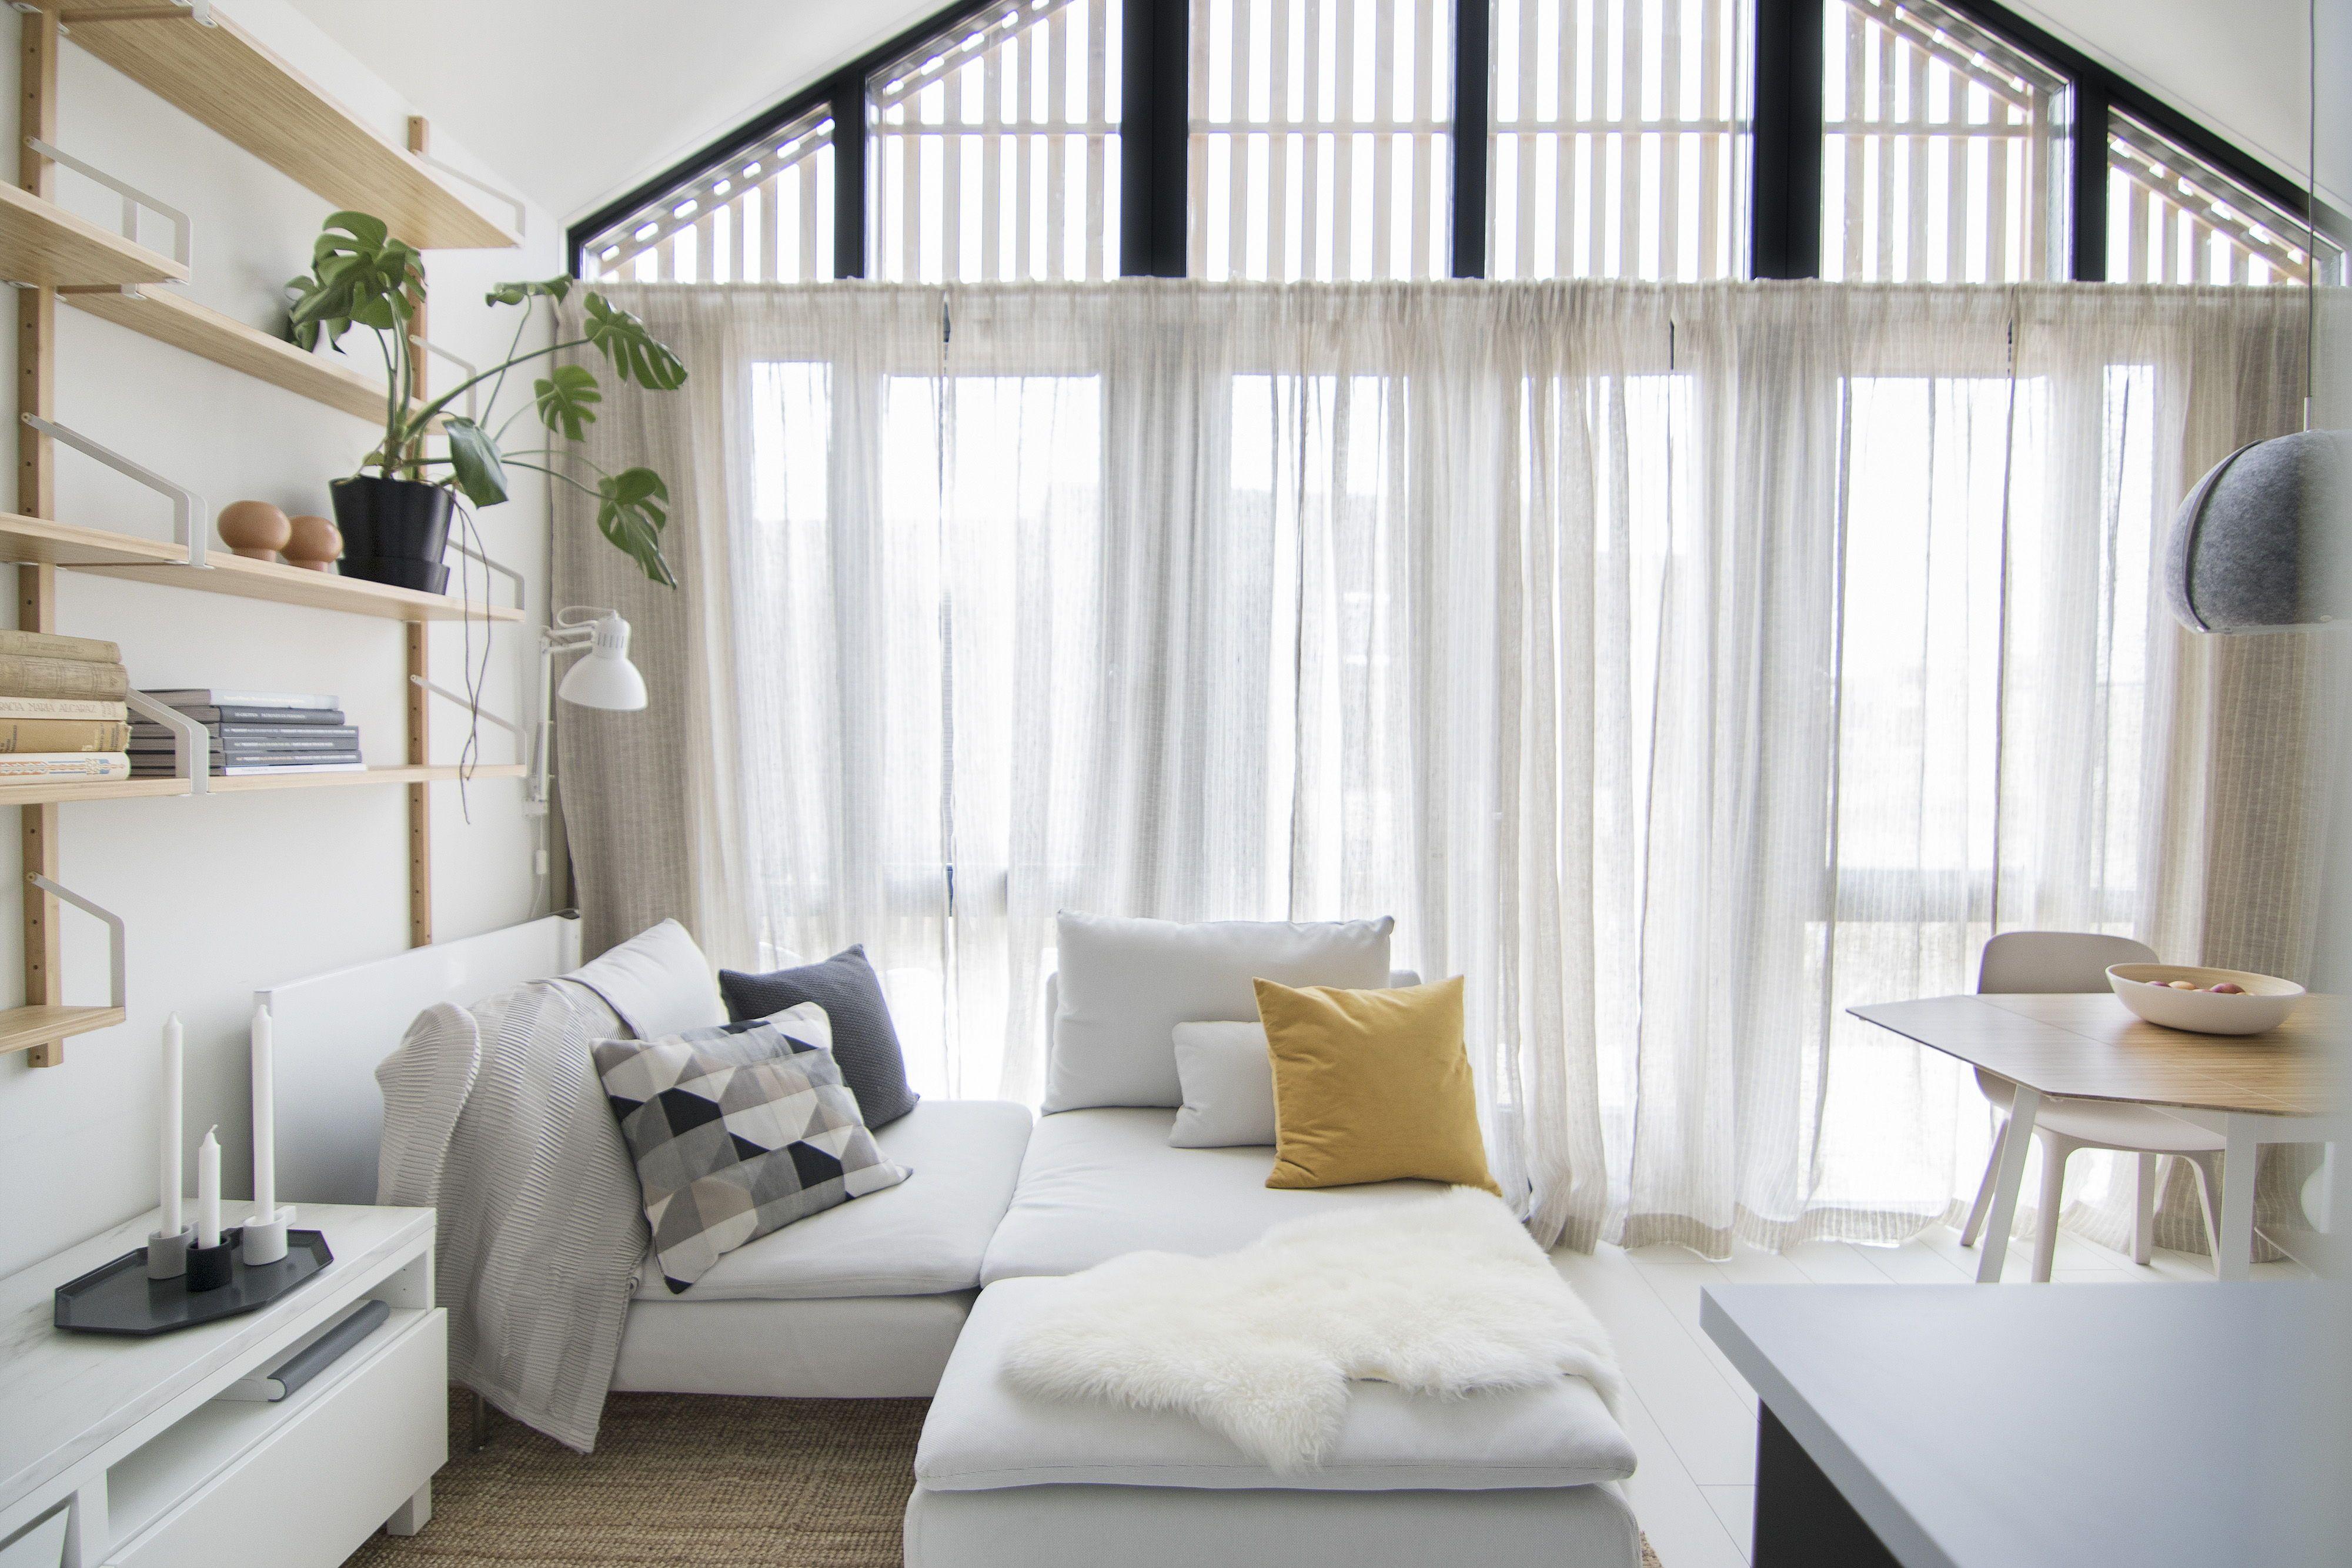 Duurzaam wonen op m² ikea ikeanl ikeanederland inspiratie